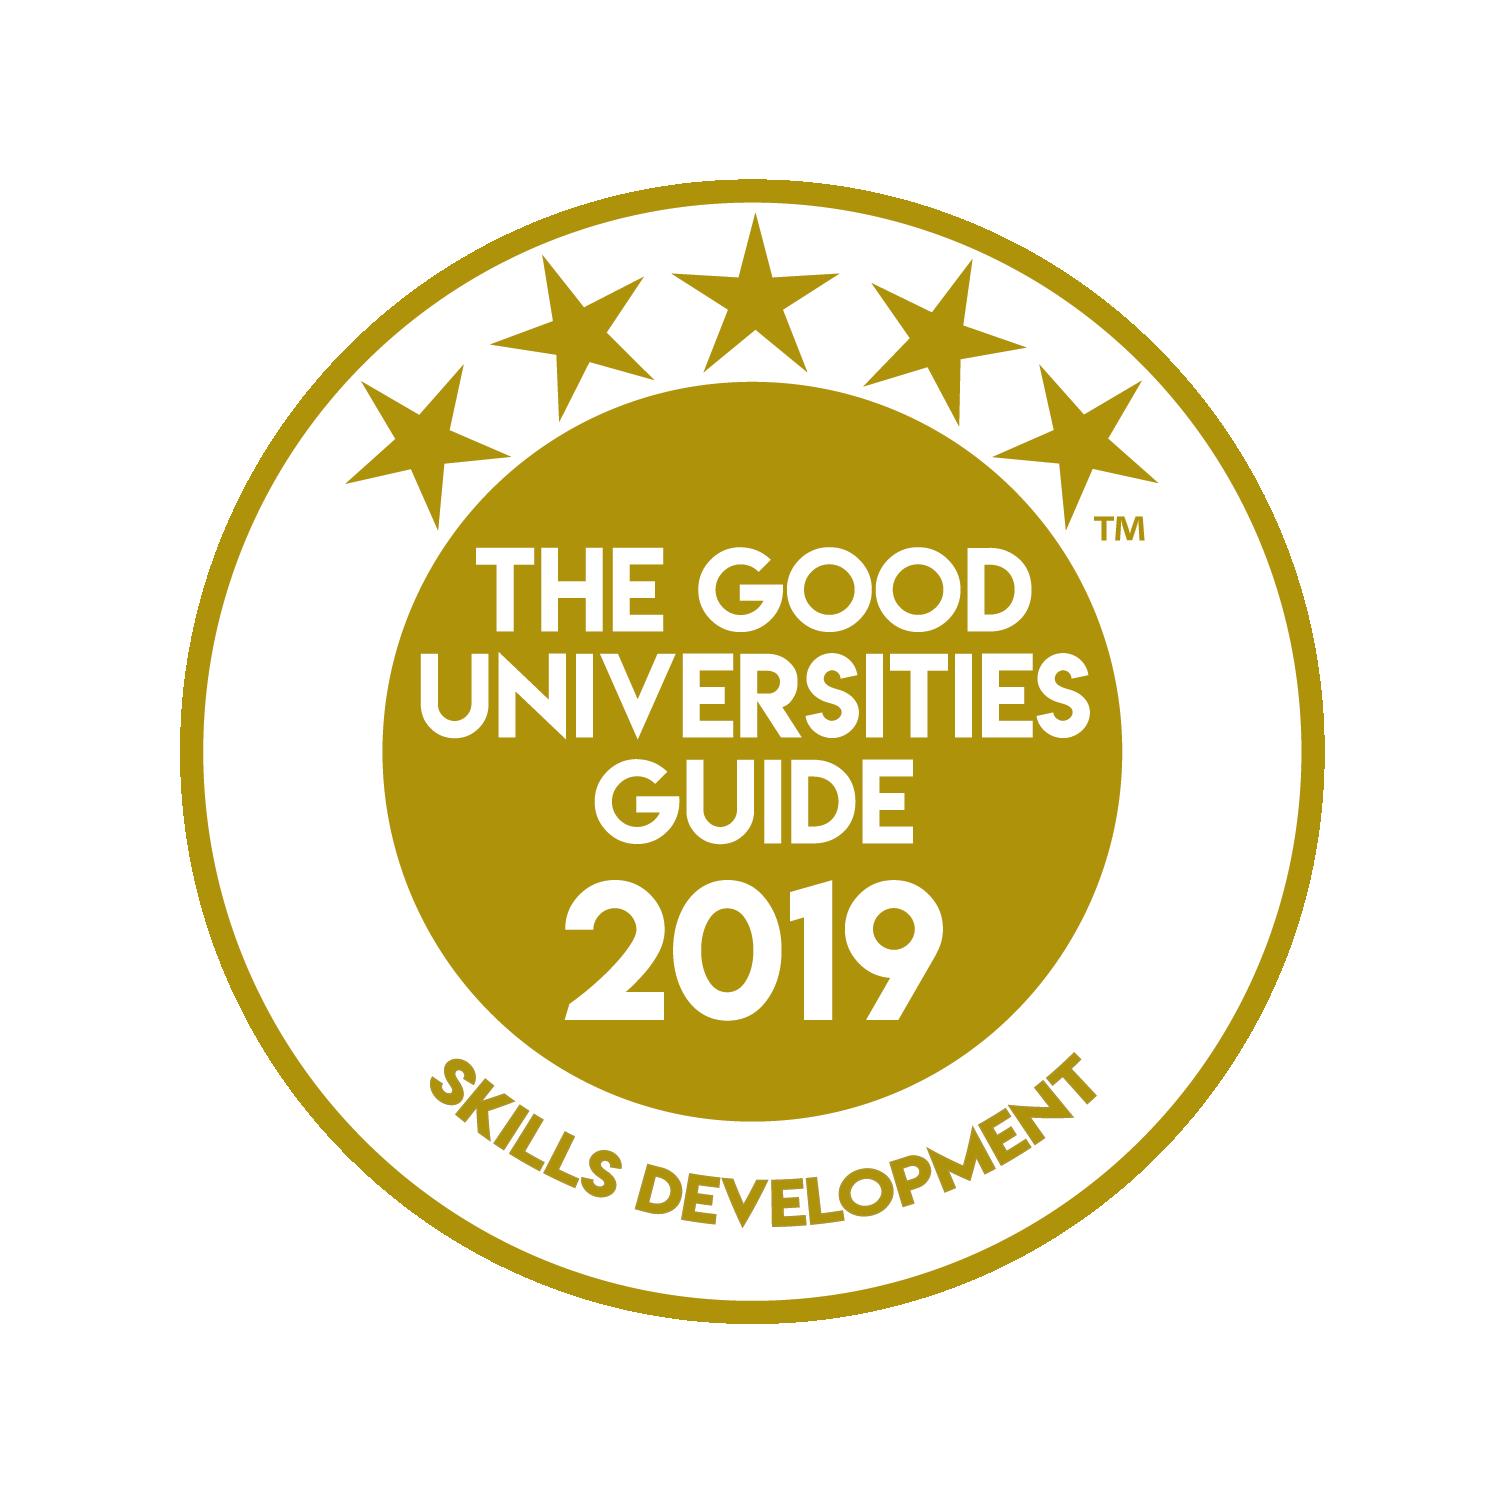 Good Universities 5 stars for skills development medal